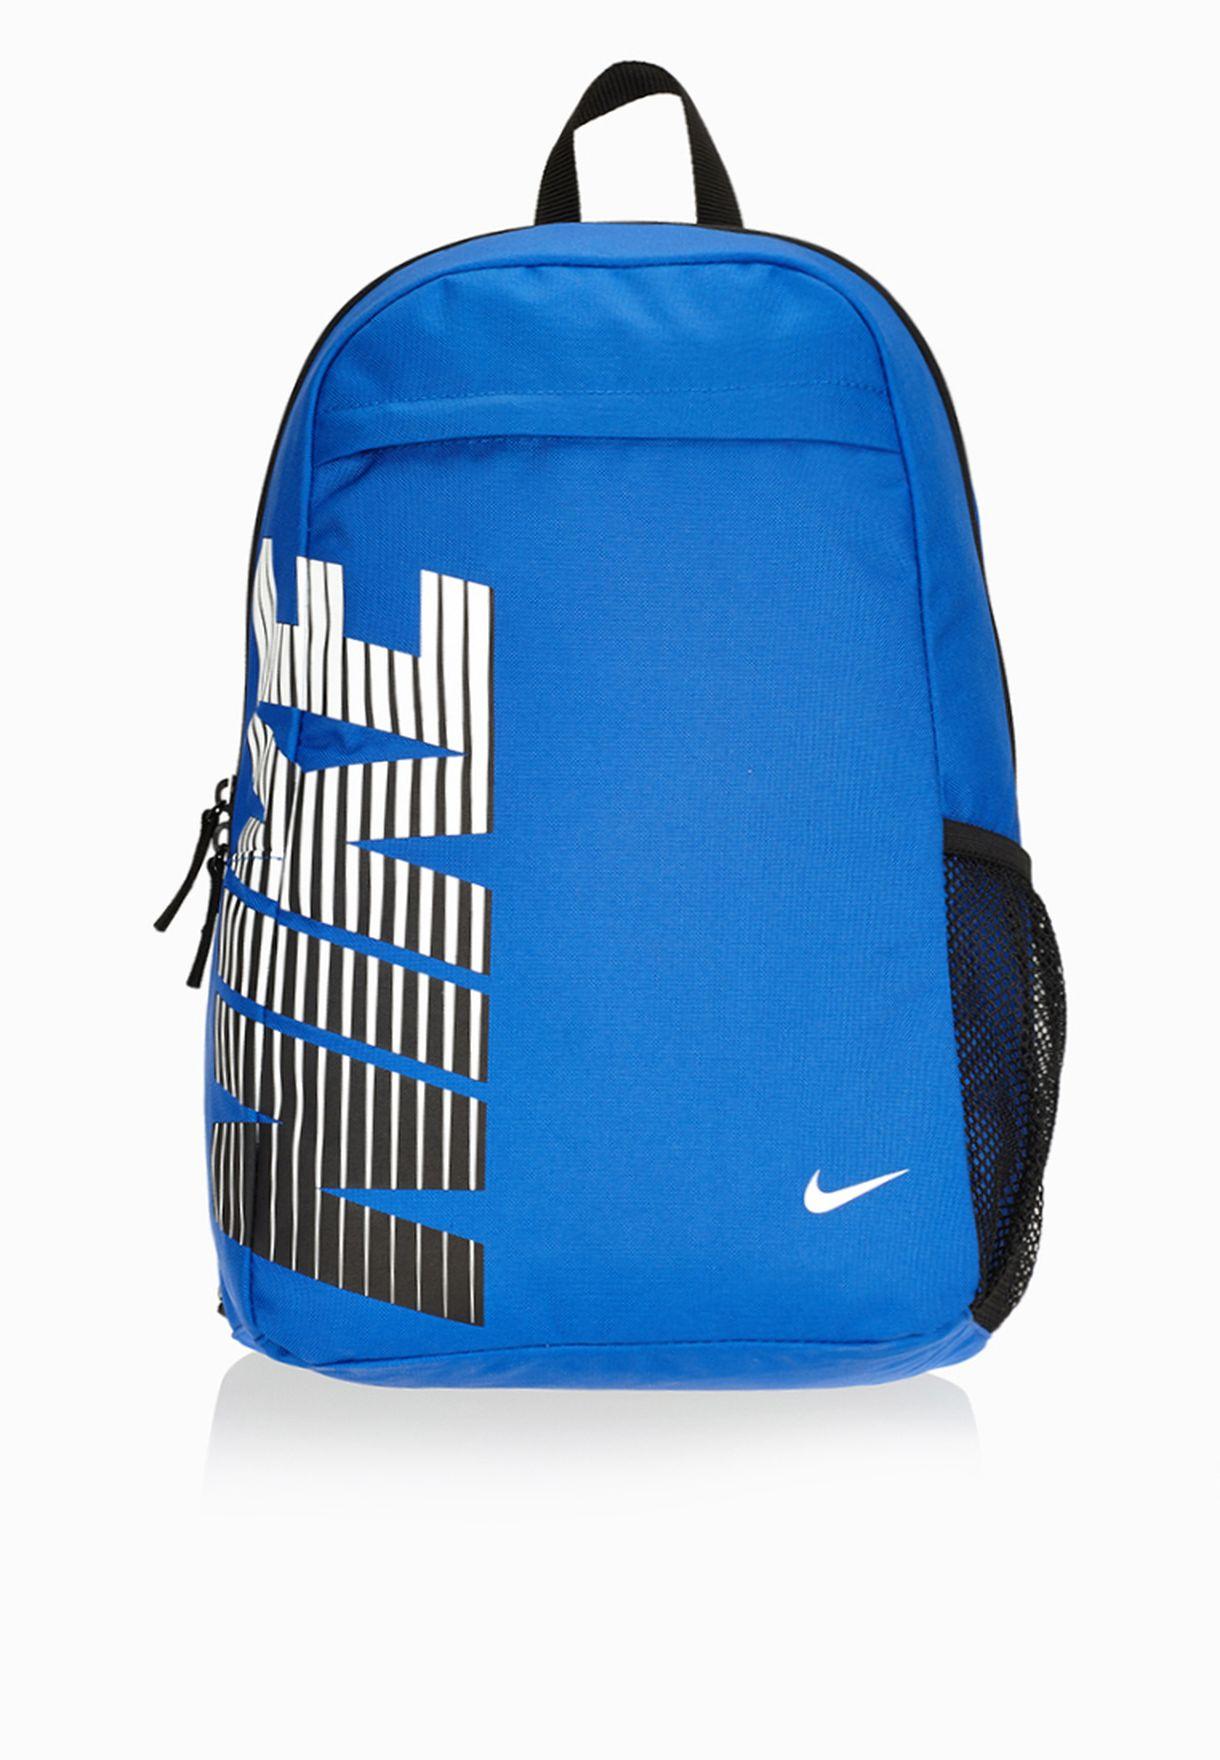 8447bb52e6087 تسوق حقيبة ظهر بشعار الماركة ماركة نايك لون أزرق BA4864-408 في ...